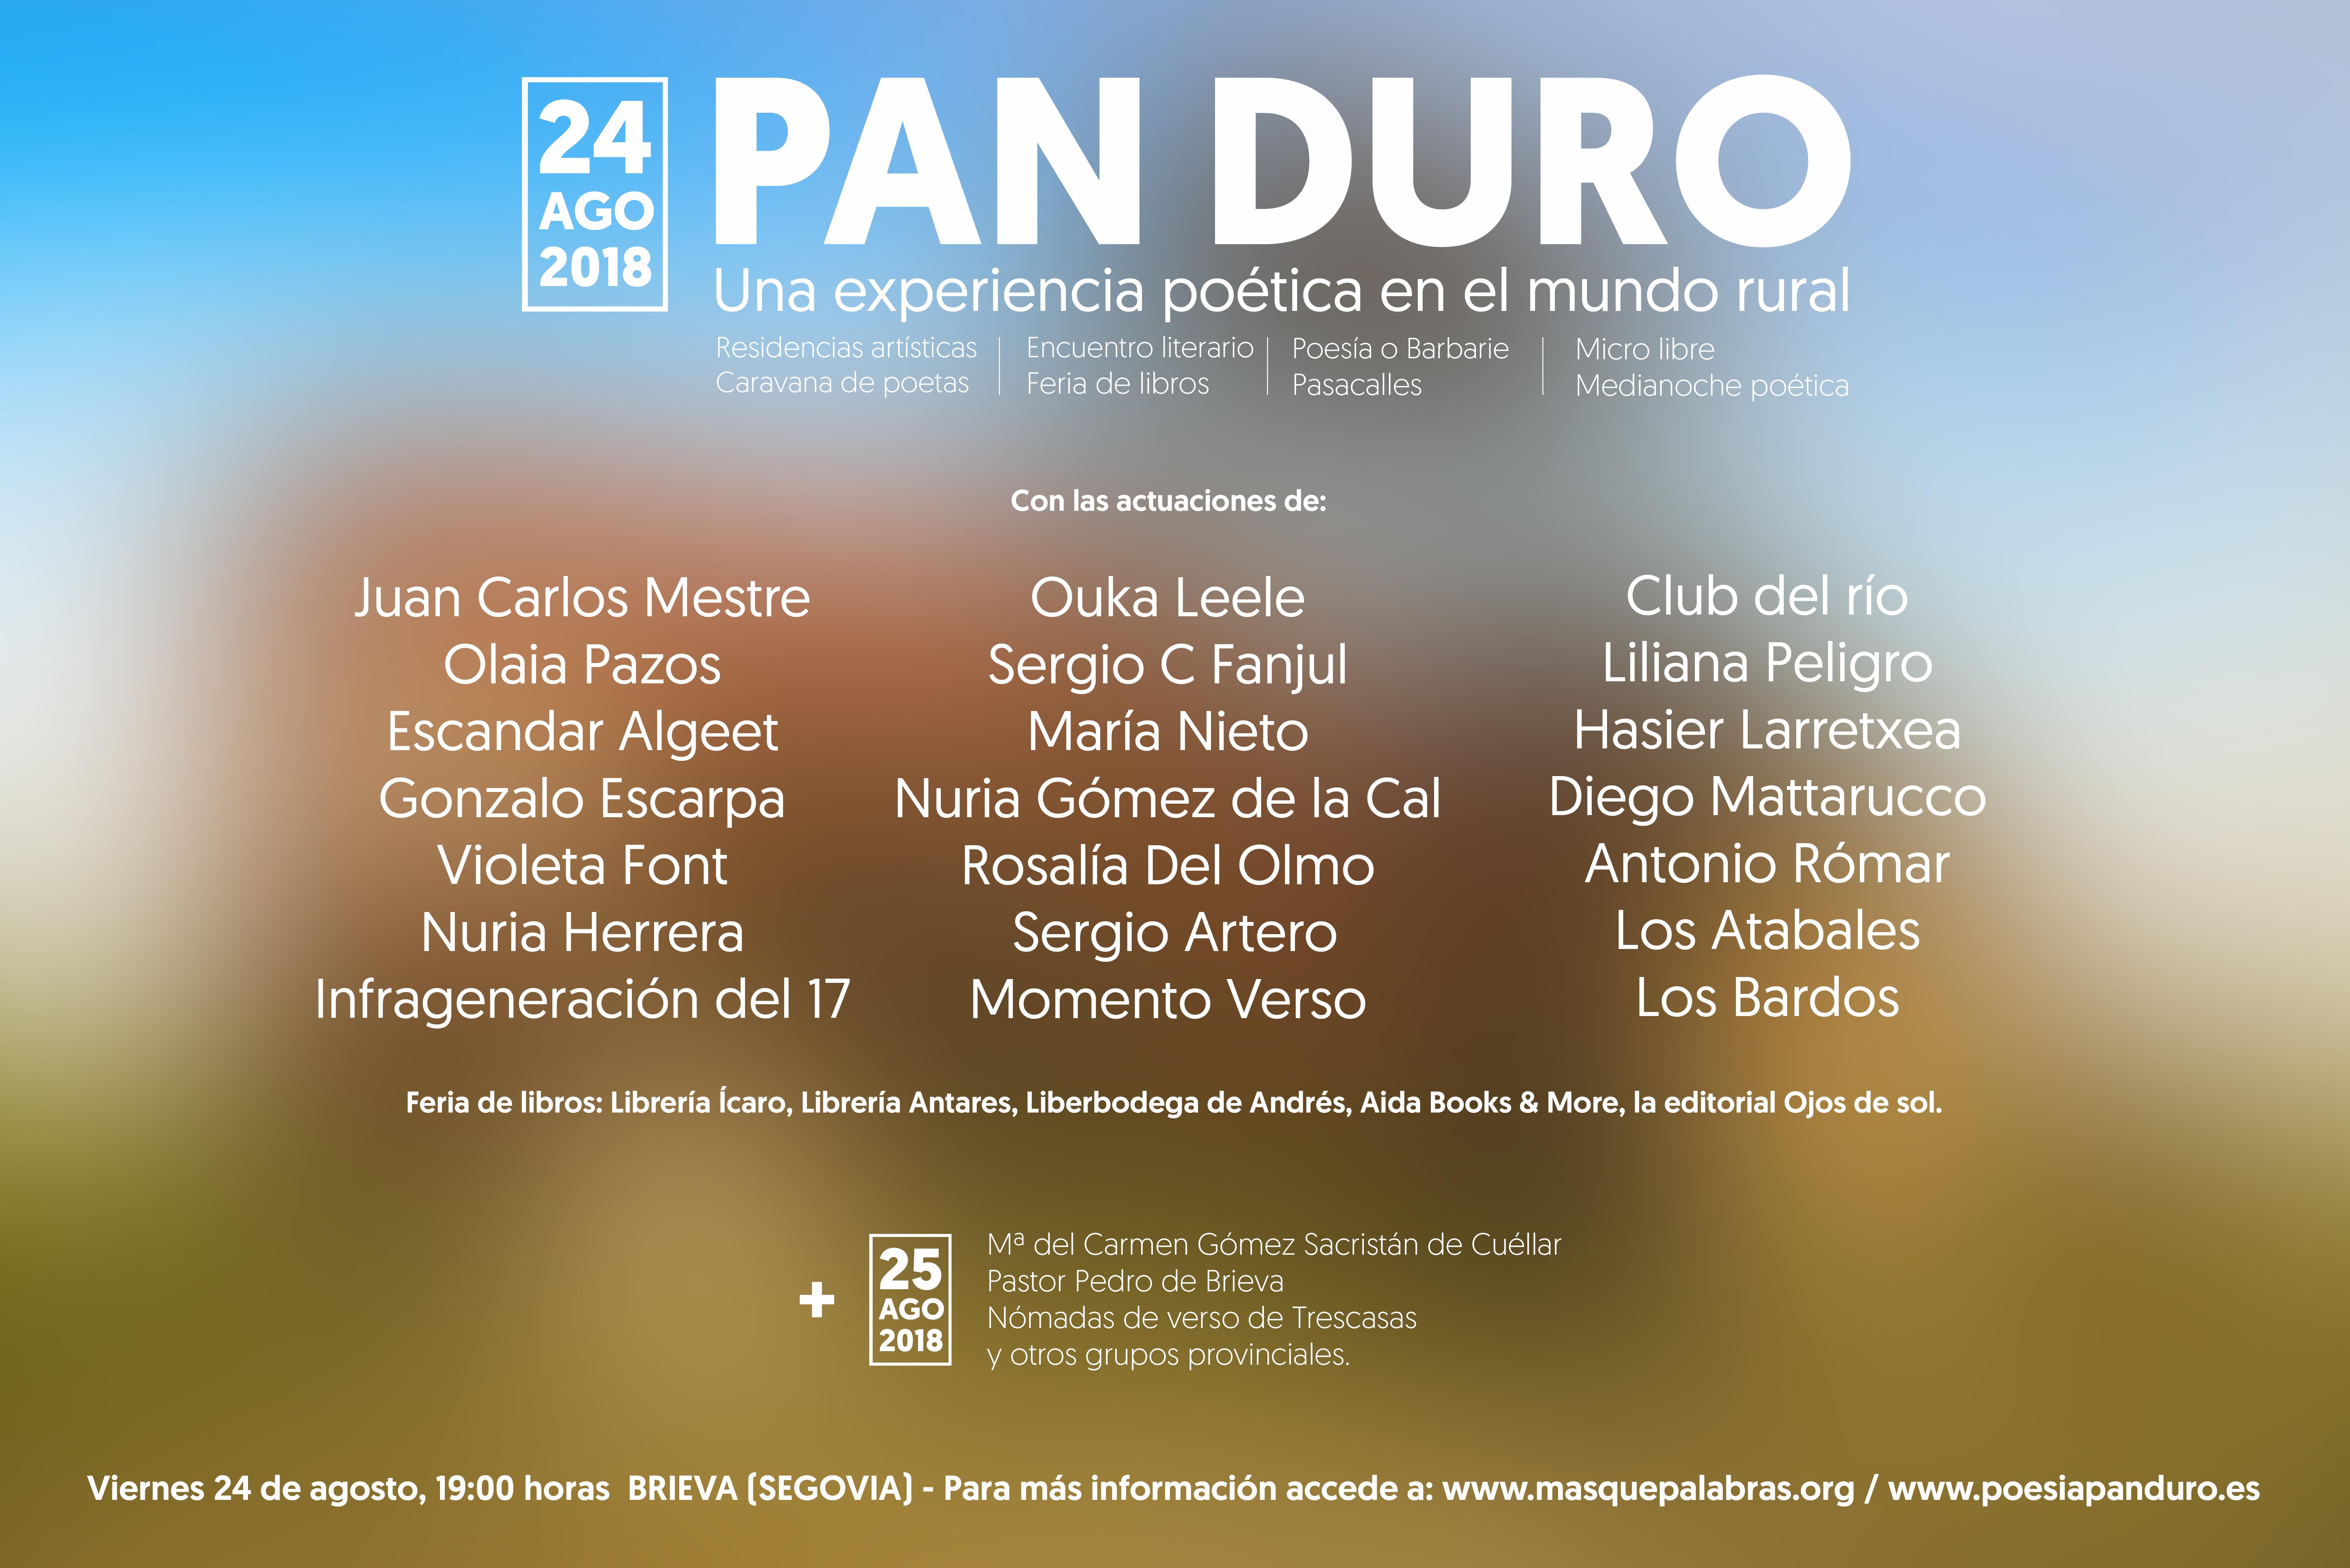 Pan Duro 2018